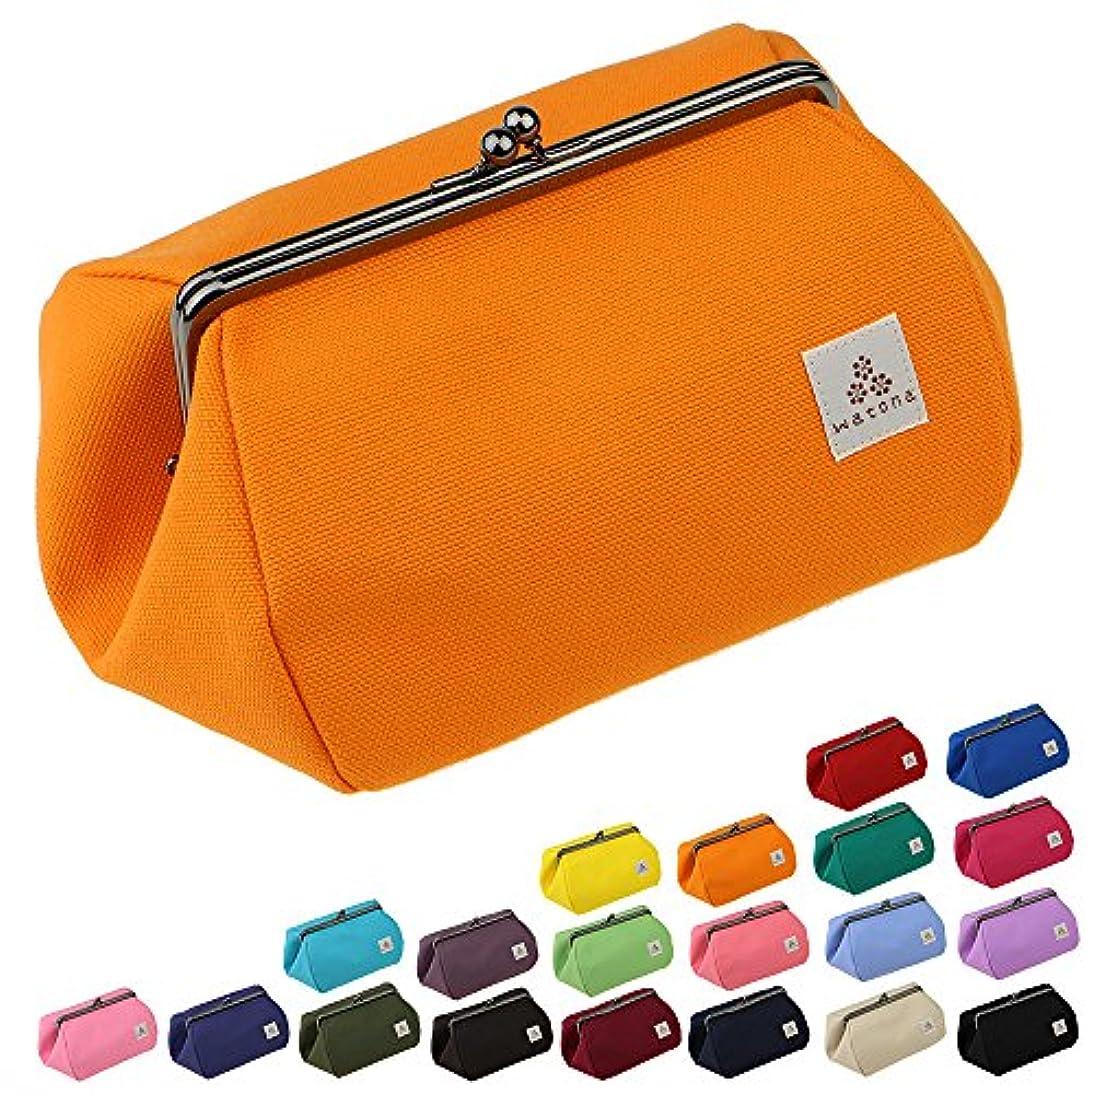 今まで領事館酔ったwatona 帆布がま口 5寸 化粧ポーチ(ワイド)50w (オレンジ)